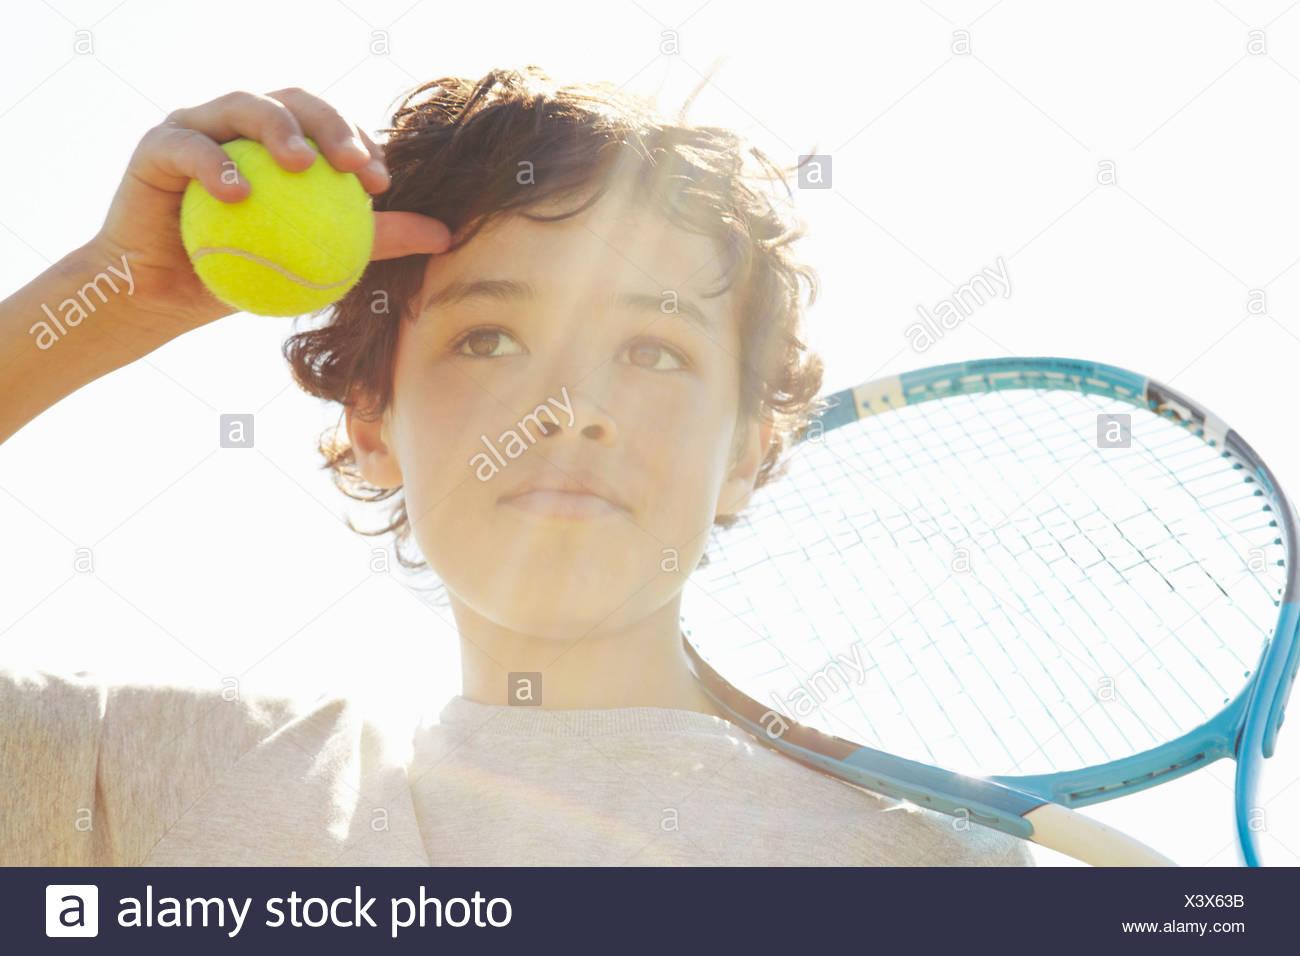 Close up of boy avec raquette de tennis et la balle Photo Stock